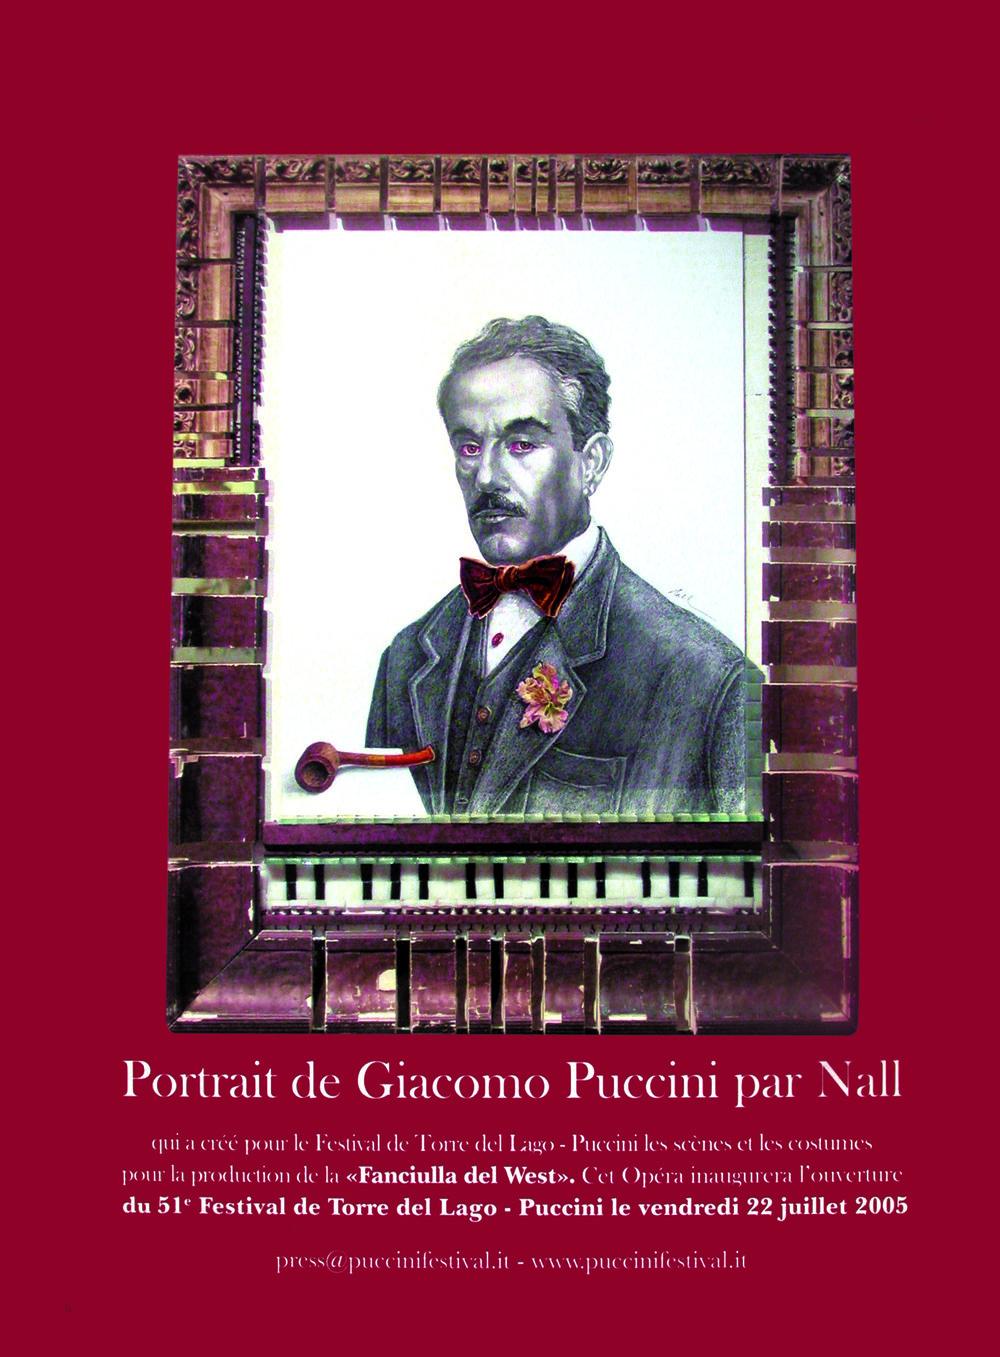 Puccini Portrait - 2005